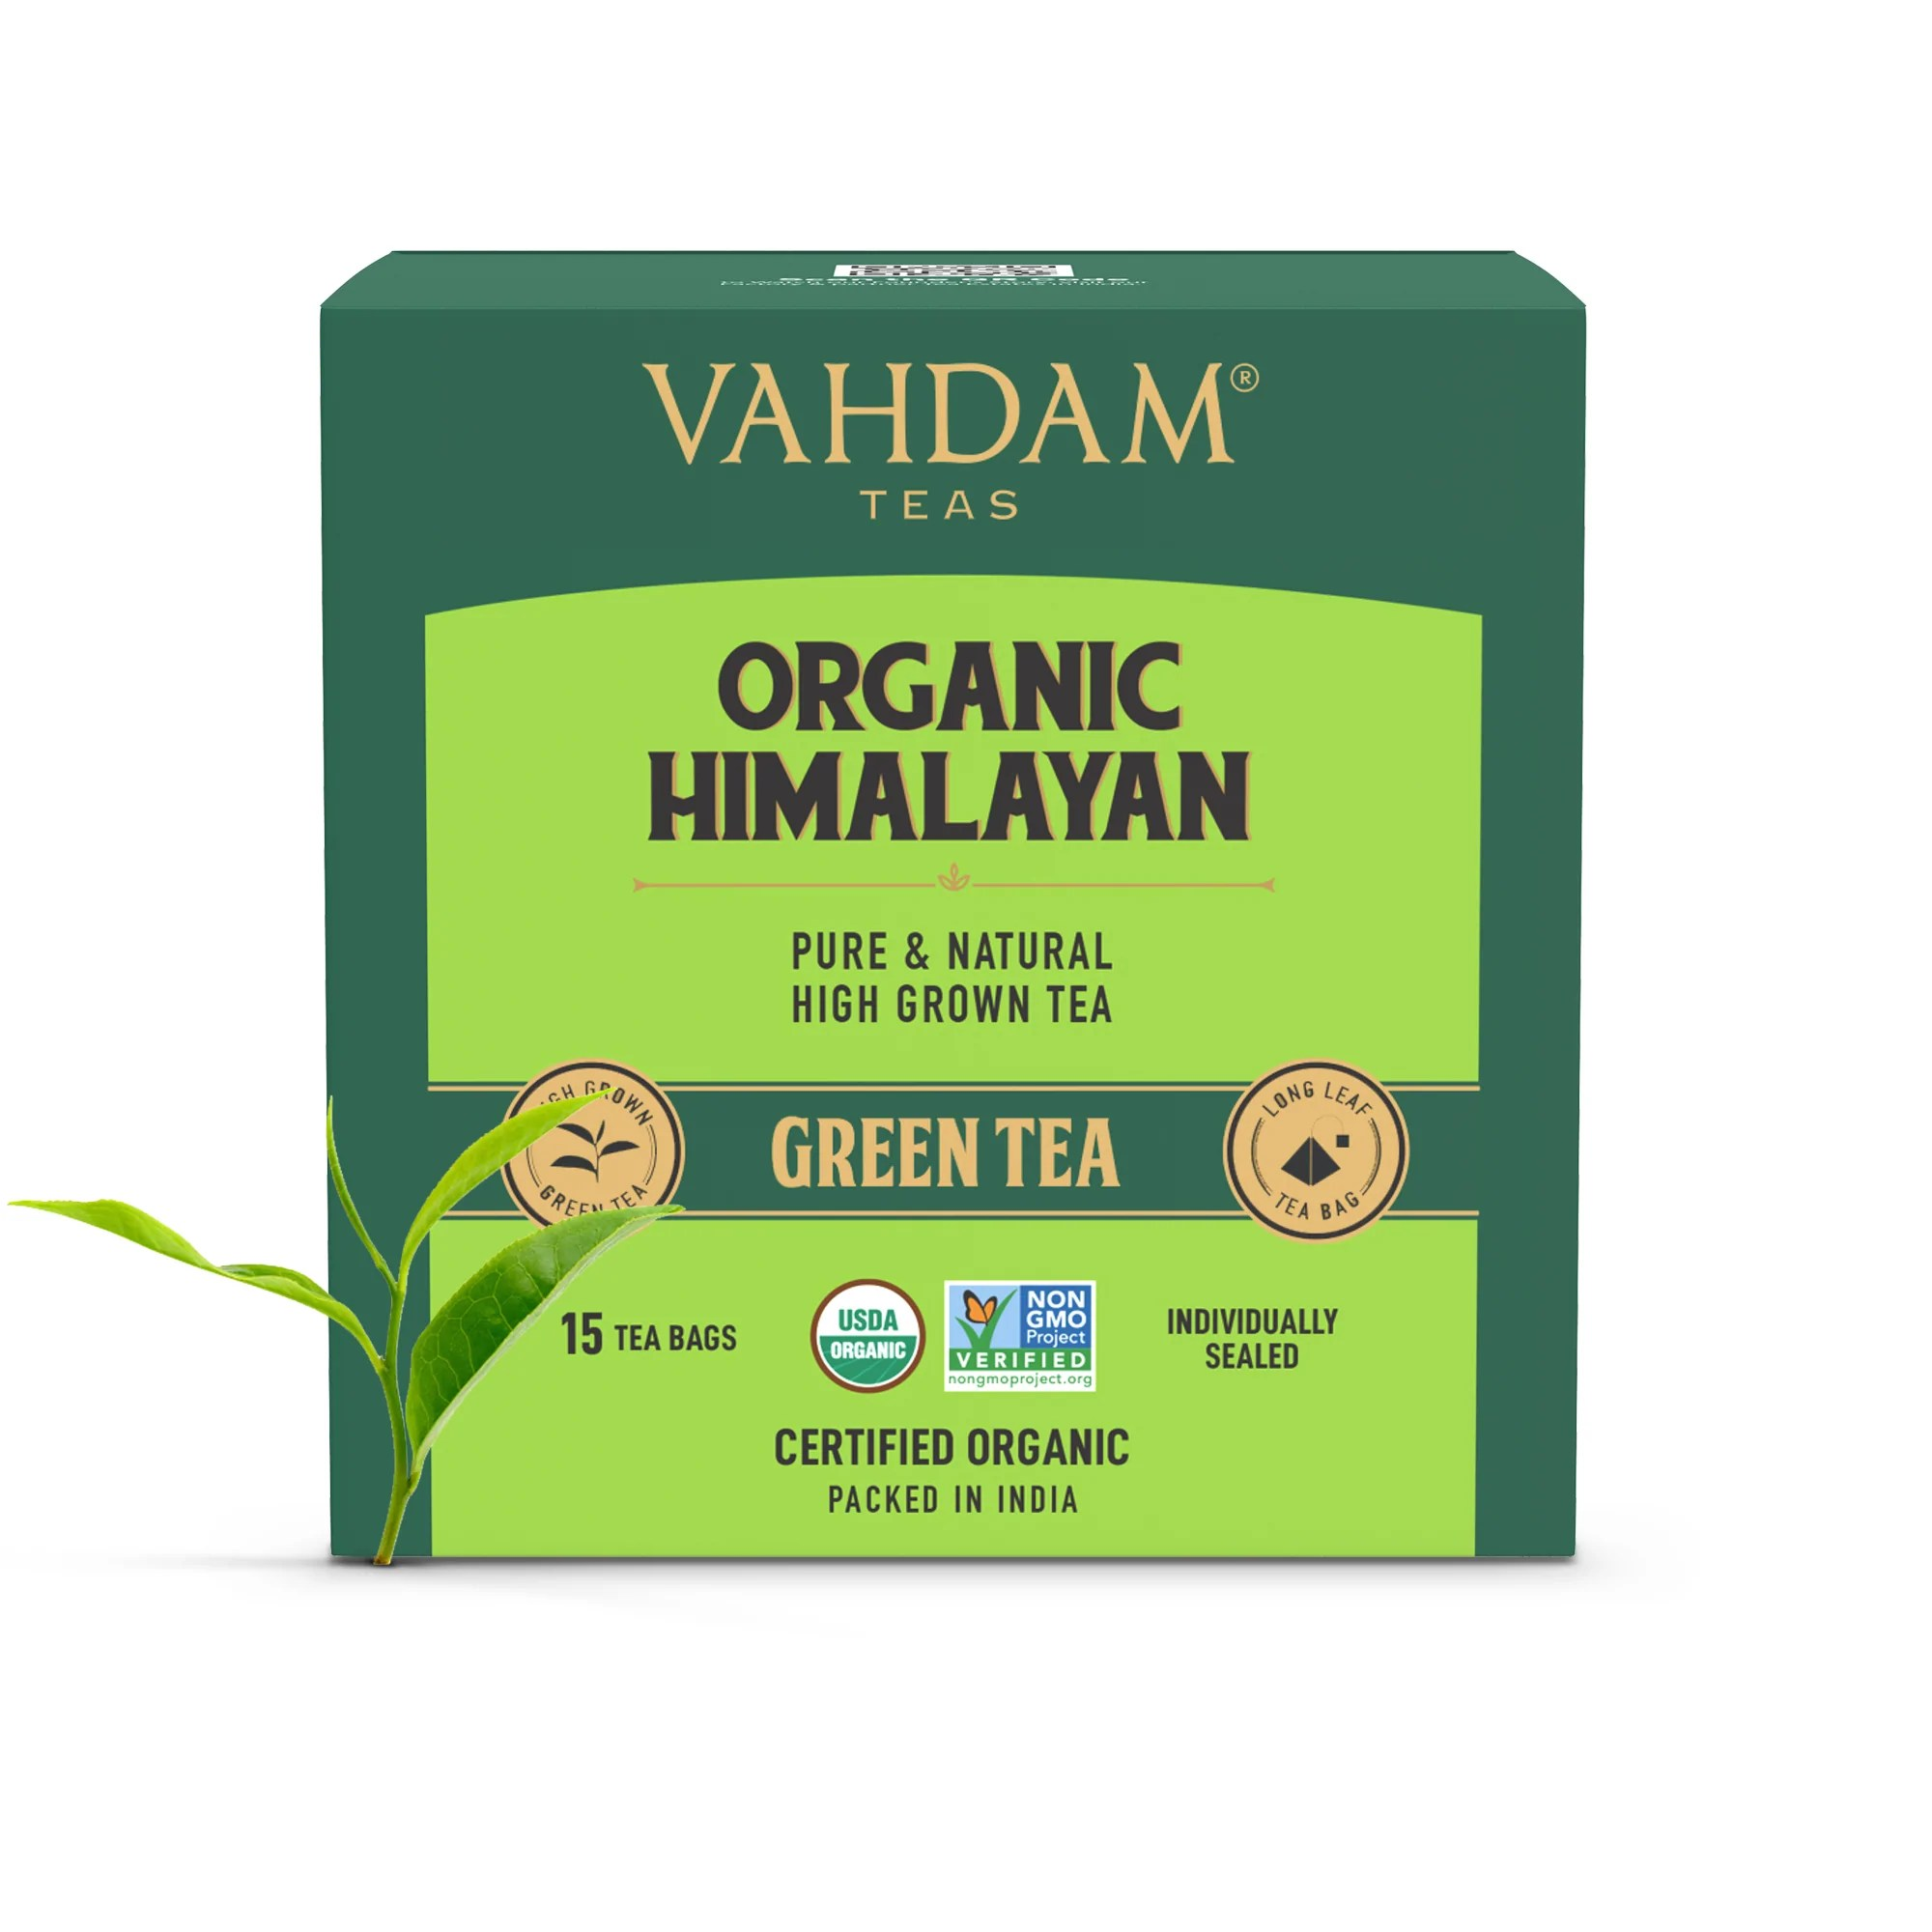 Organic Himalayan Green Tea - 15 Tea Bags- VAHDAM® India